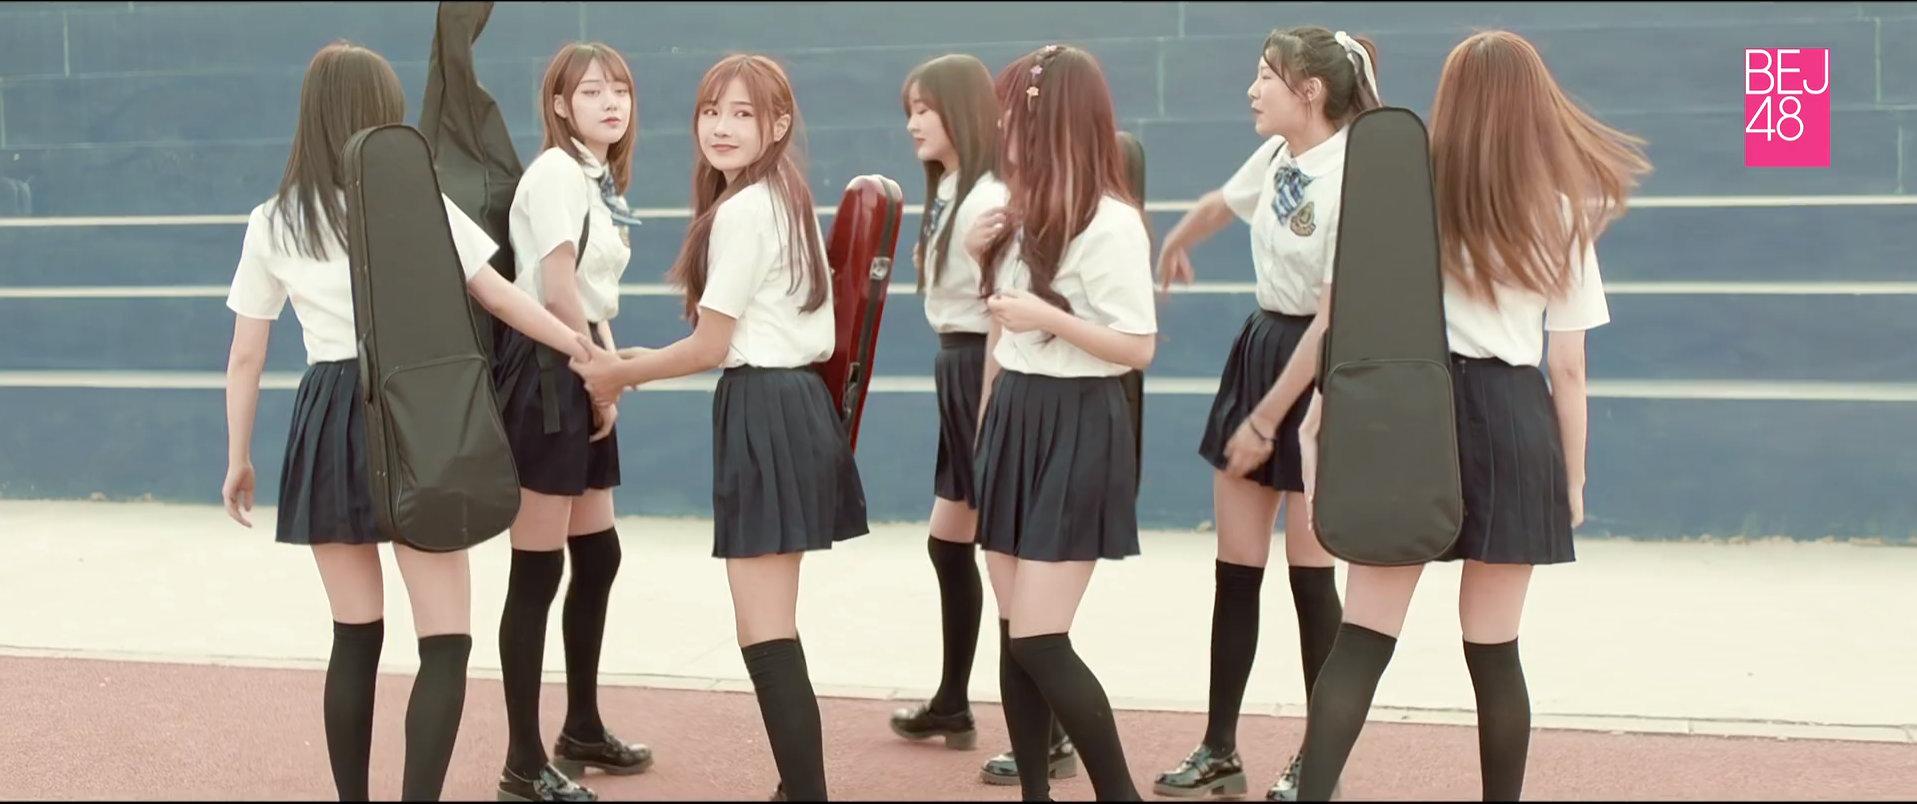 又到毕业季,看看BEJ48的宣传MV「晨曦下的我们」吧!